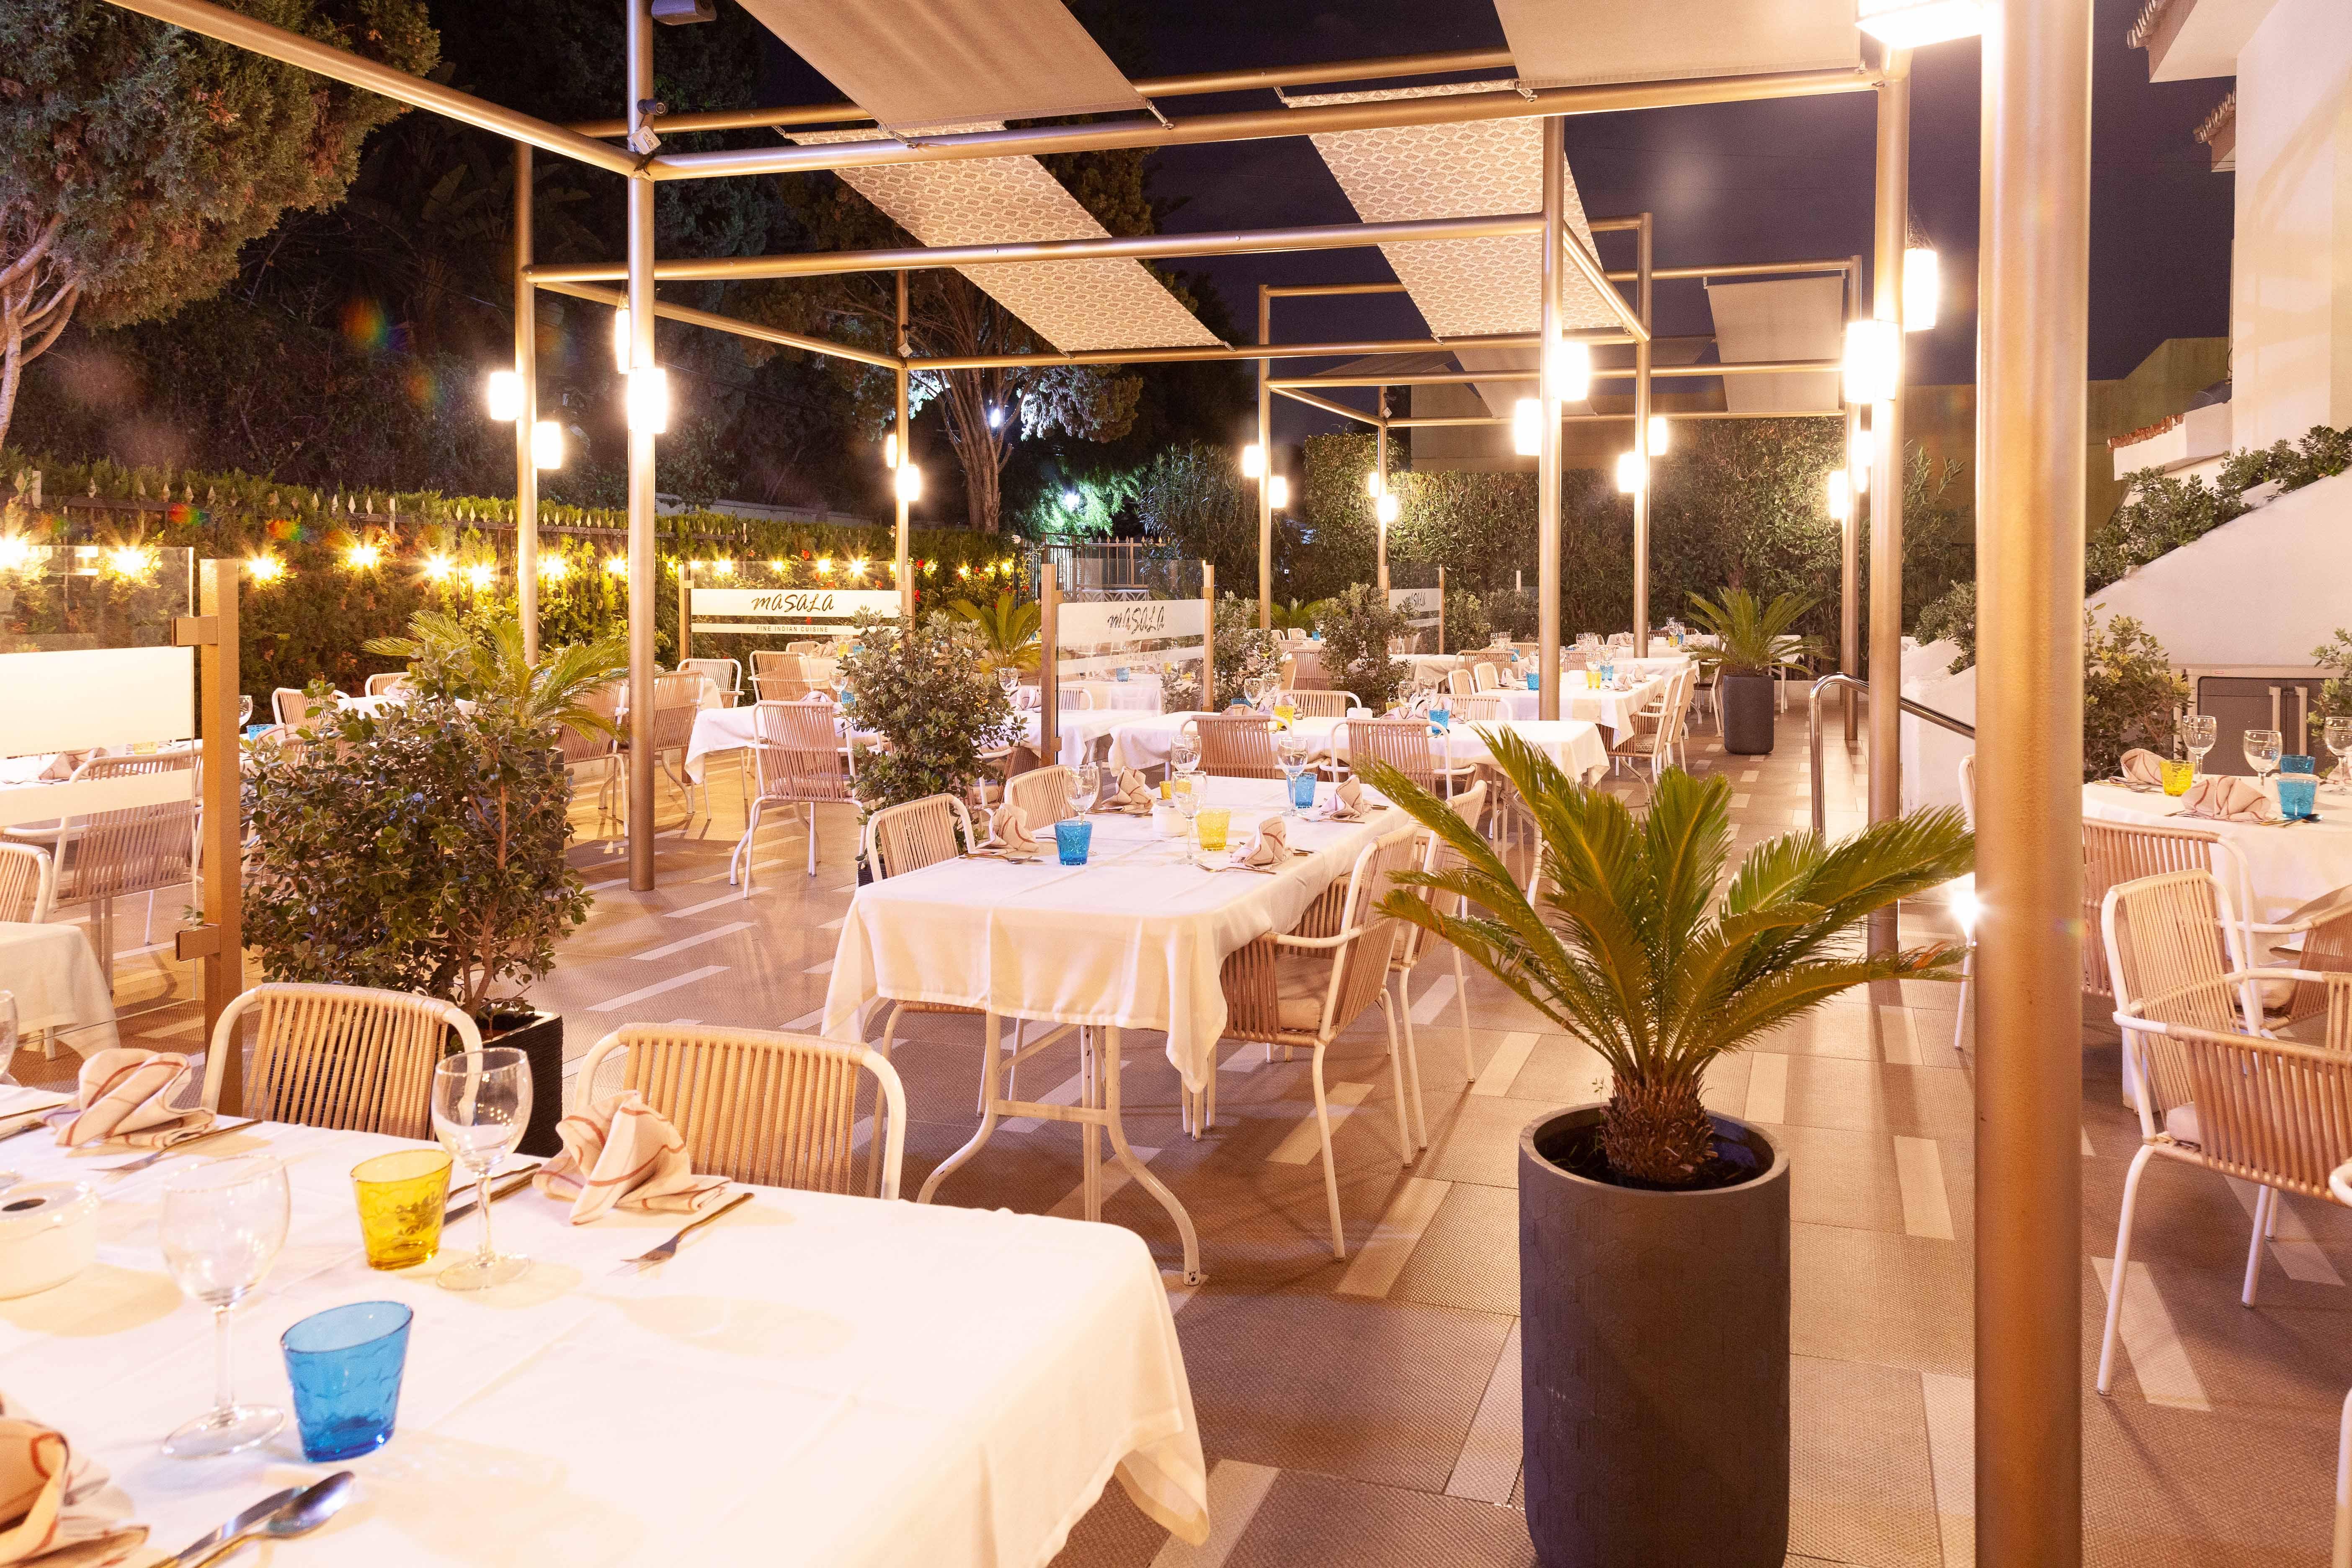 Masala Estepona -Restaurante Indio en Estepona